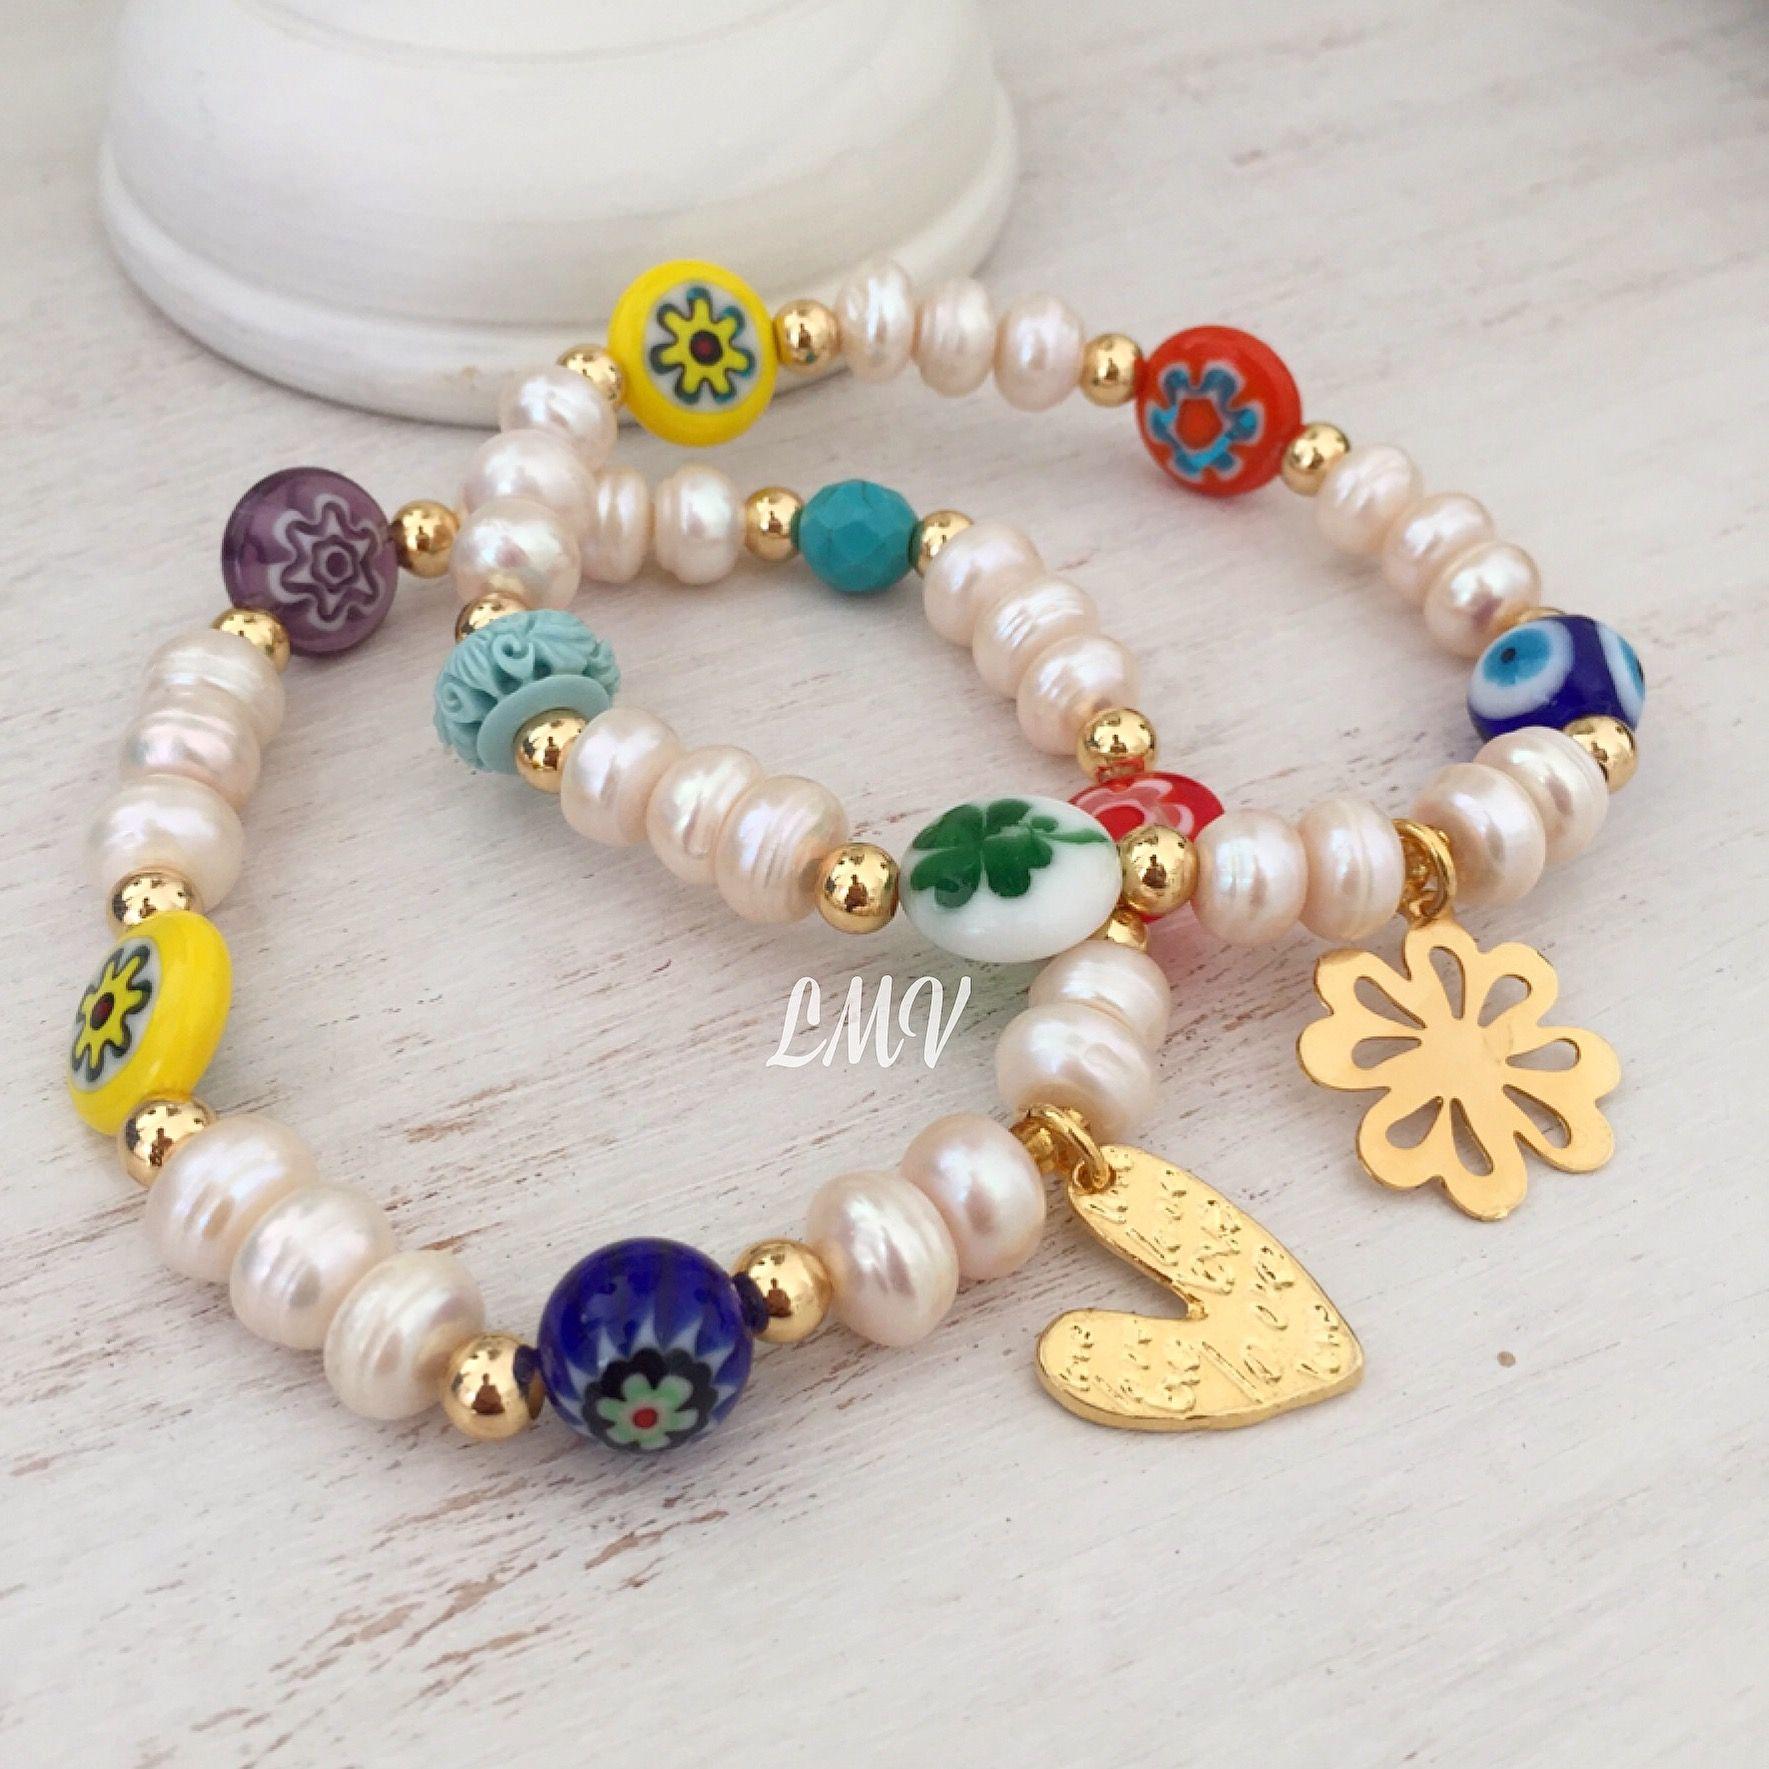 8b67c4c9851c Pulseras de perlas y murrinas by Luz Marina Valero